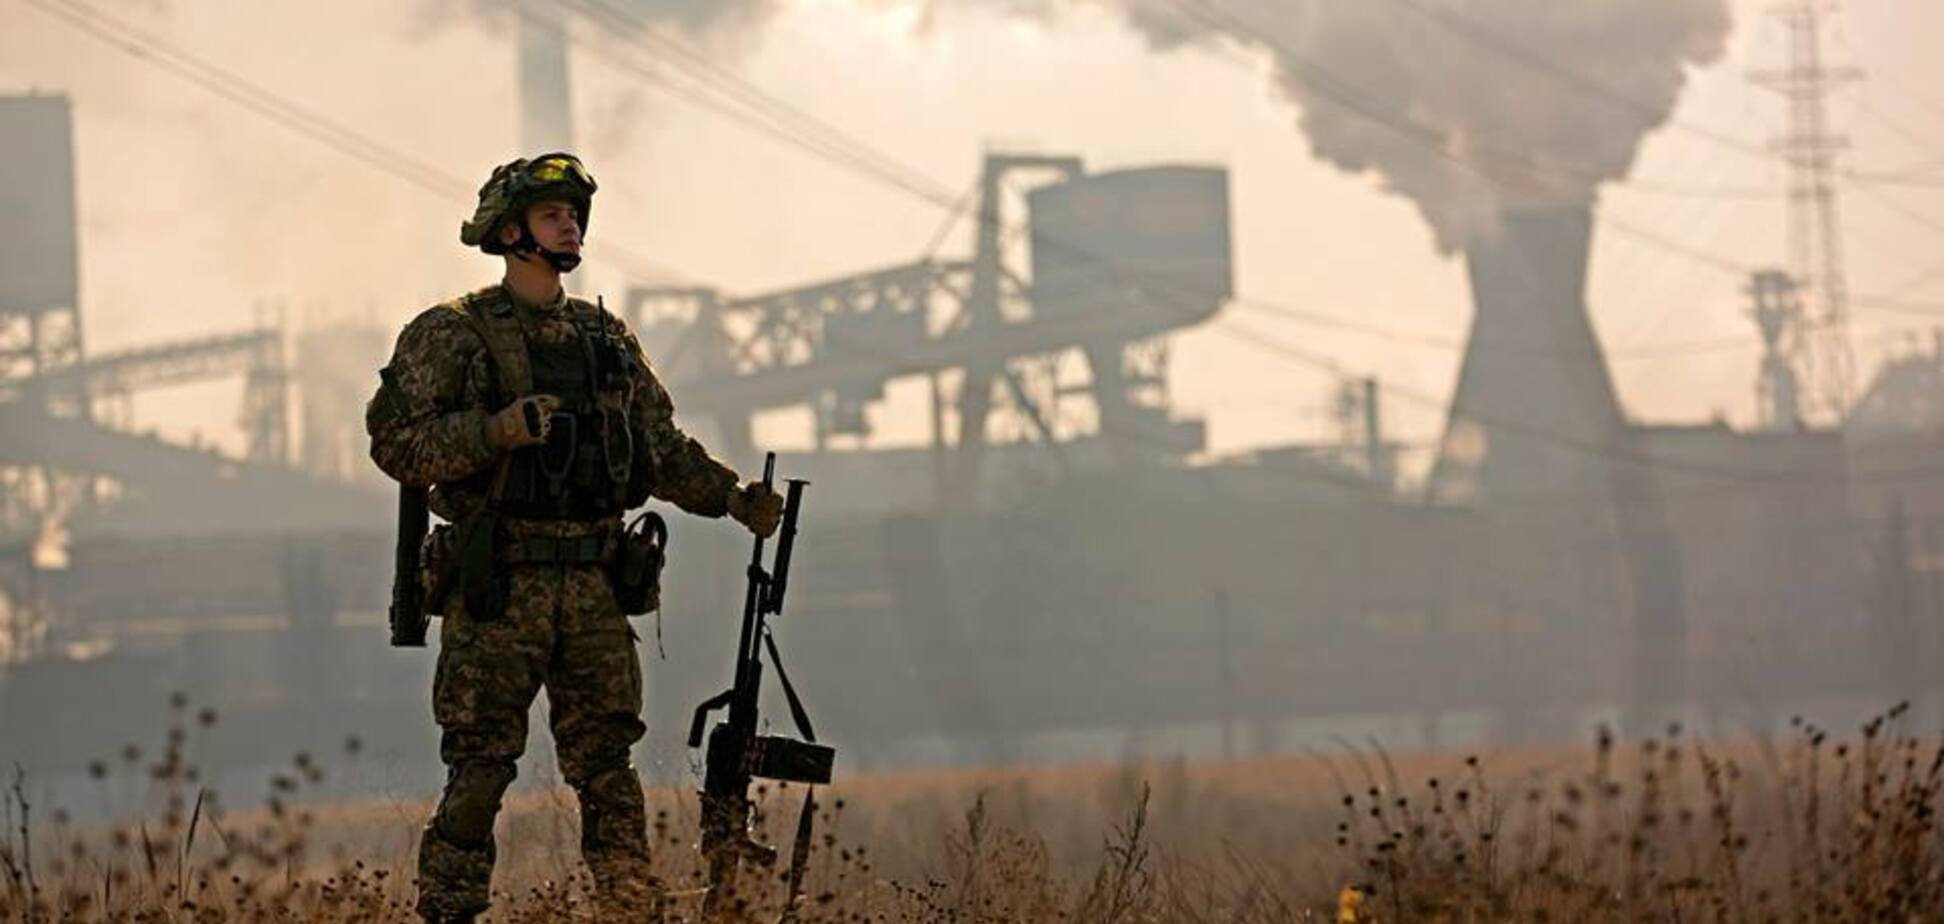 'Л/ДНР' розв'язали криваві бої на Донбасі: в ЗСУ втрати